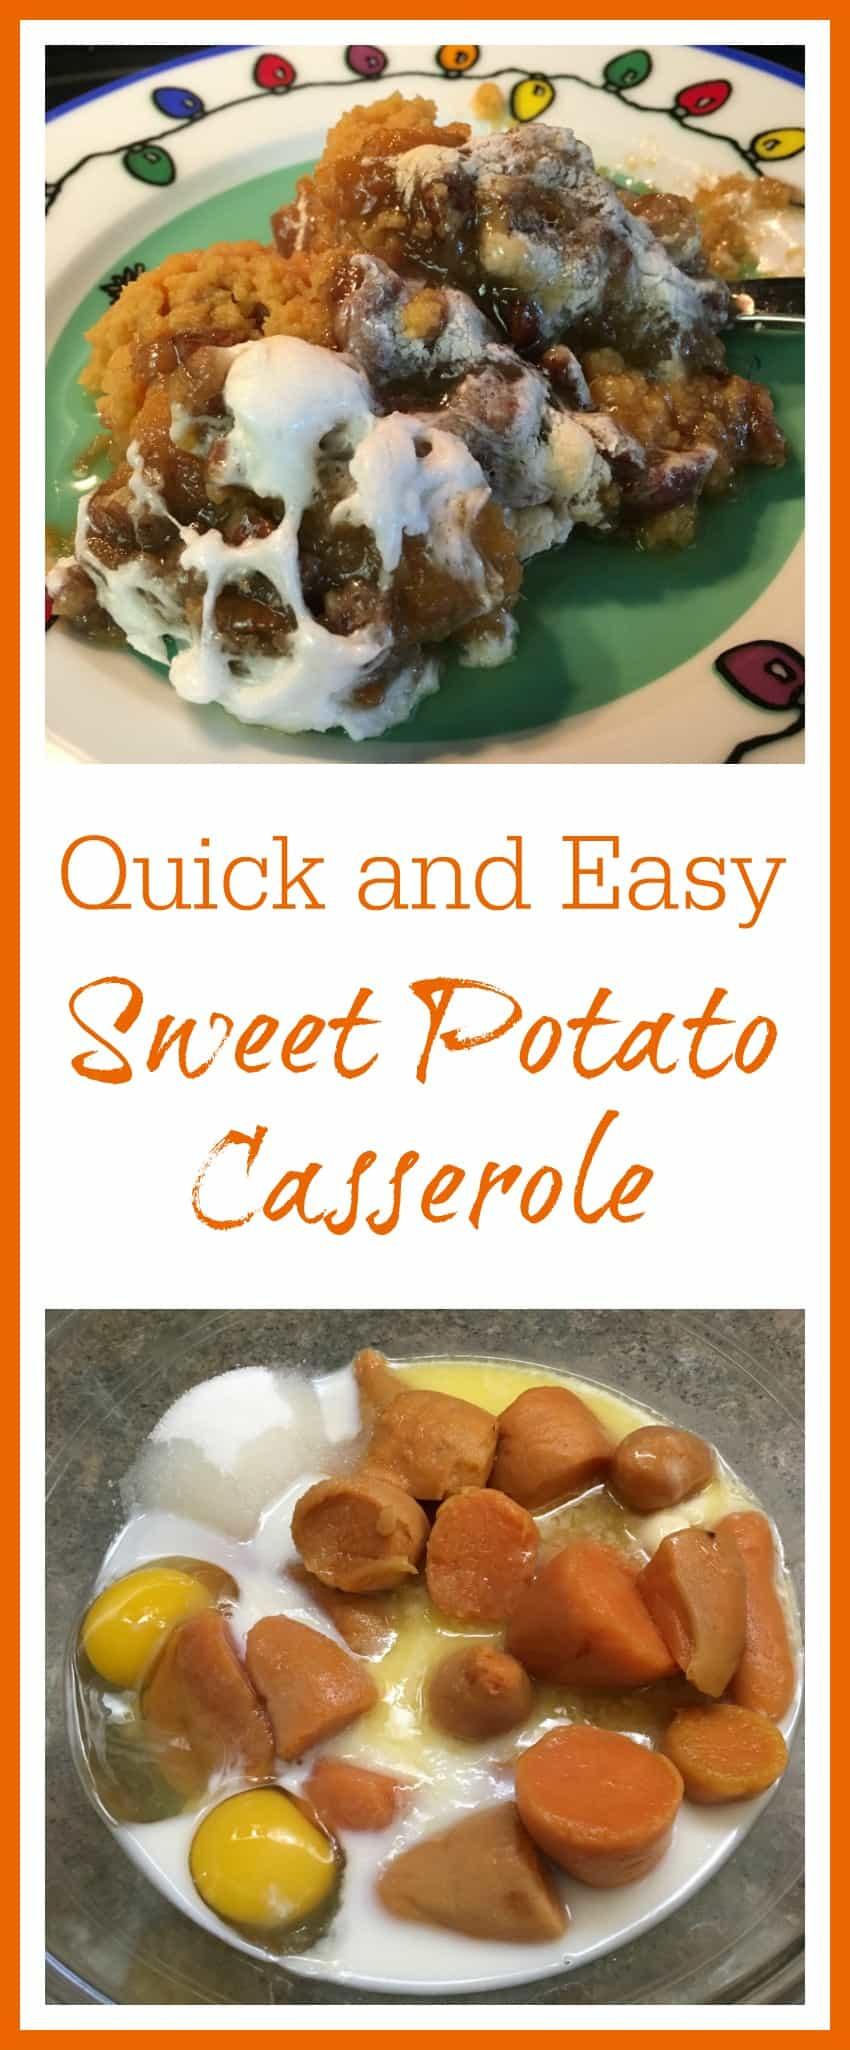 Quick Potato Recipes  Savory Quick and Easy Holiday Sweet Potato Casserole